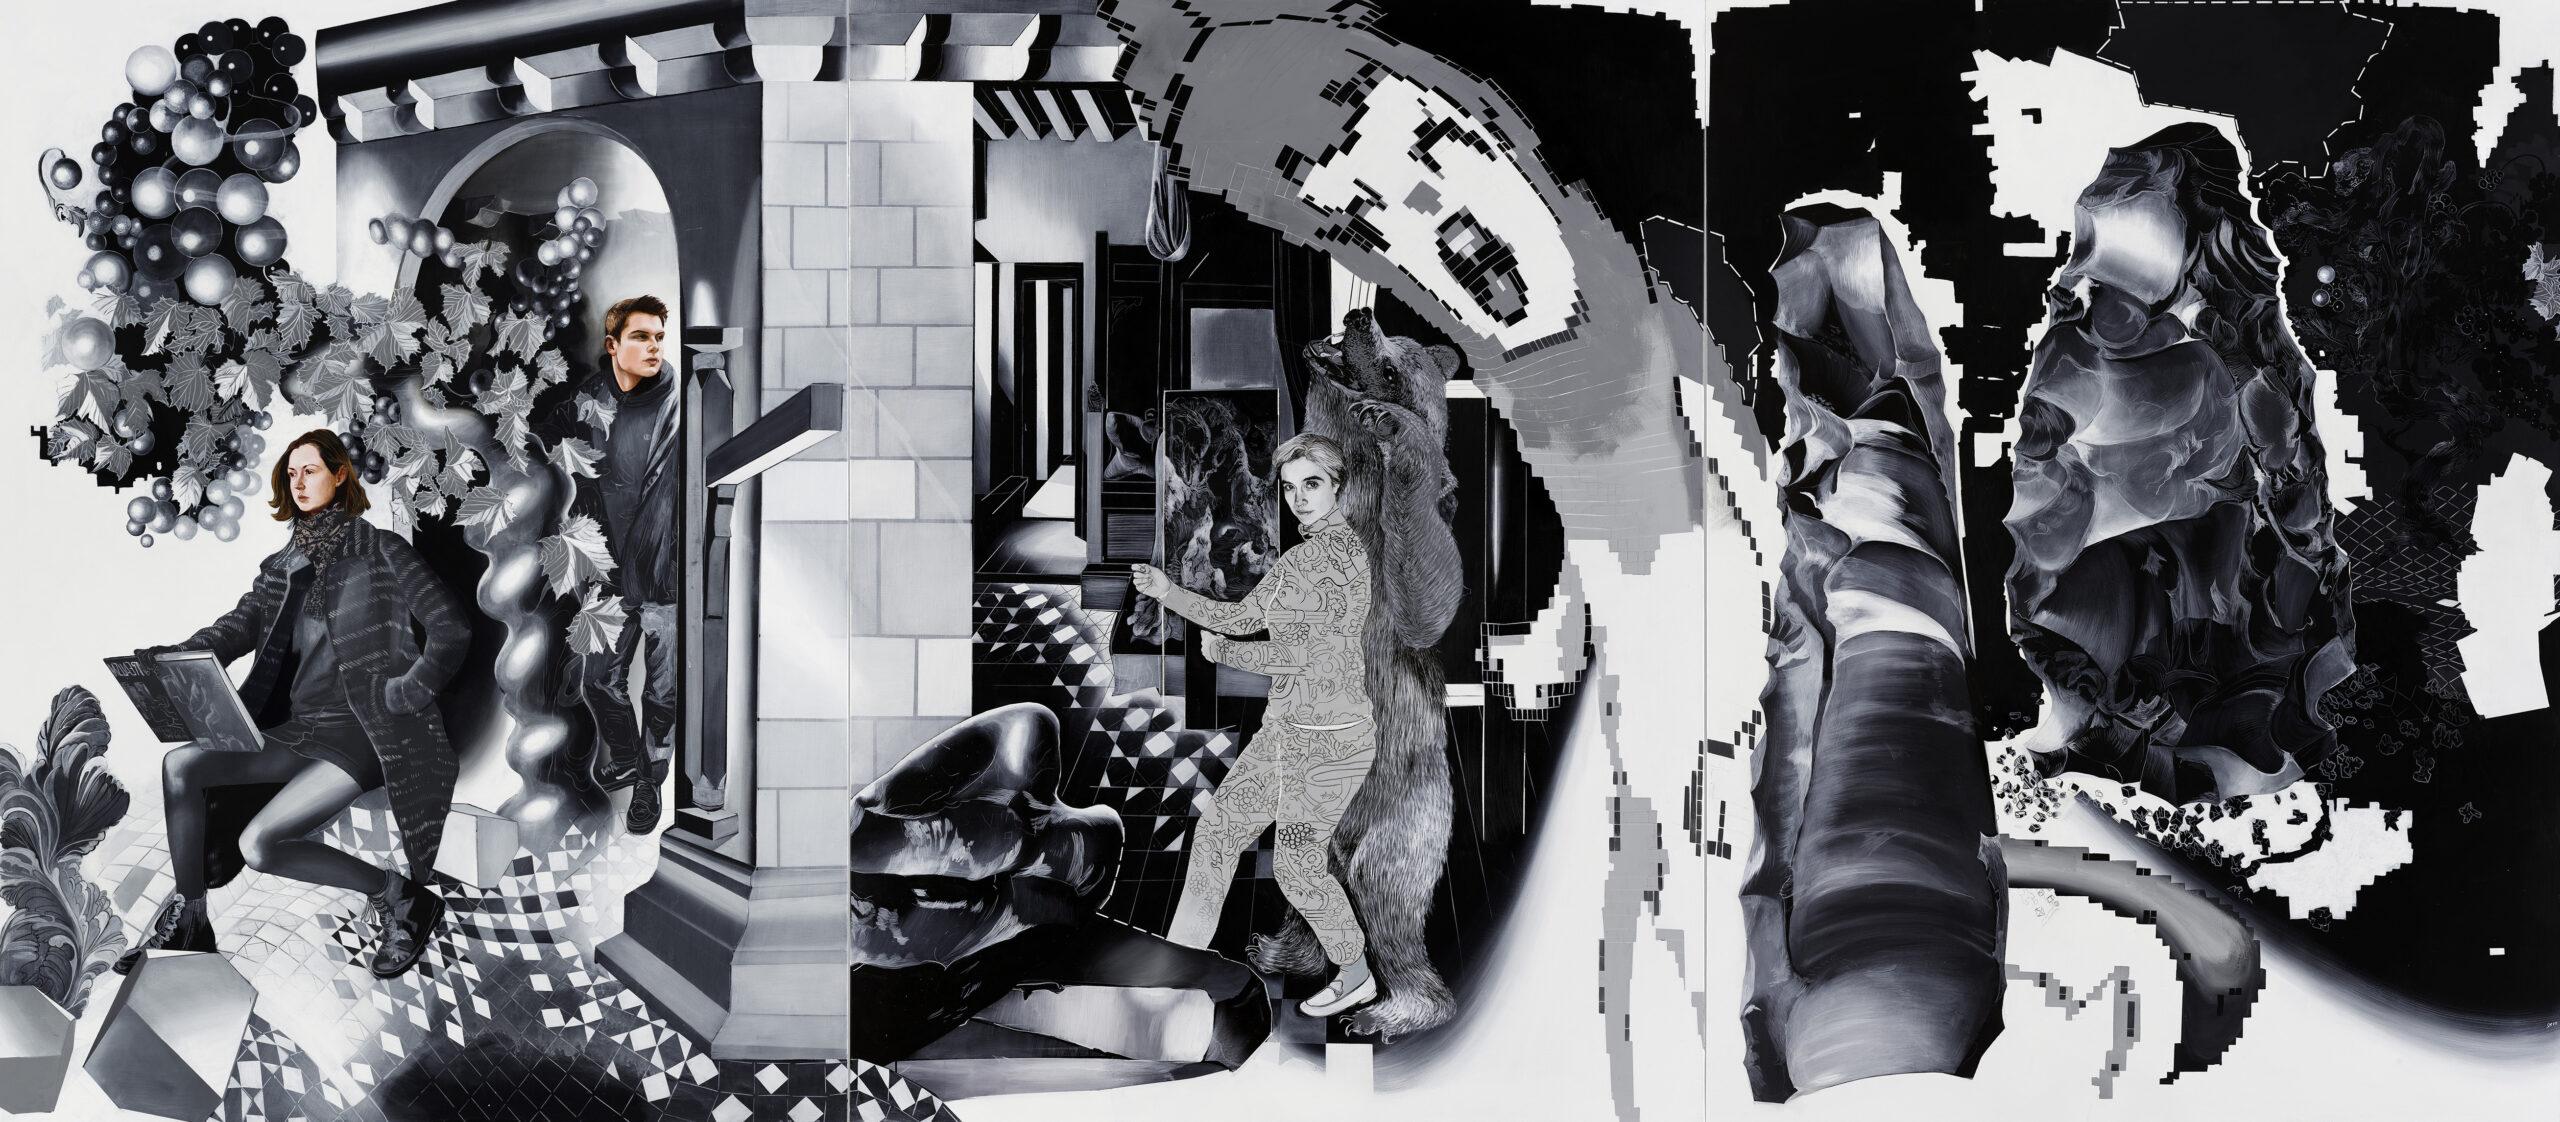 Cyber Mom Wave, 2020, 250 x 570 cm, acrylics on canvas Susanne Kühn